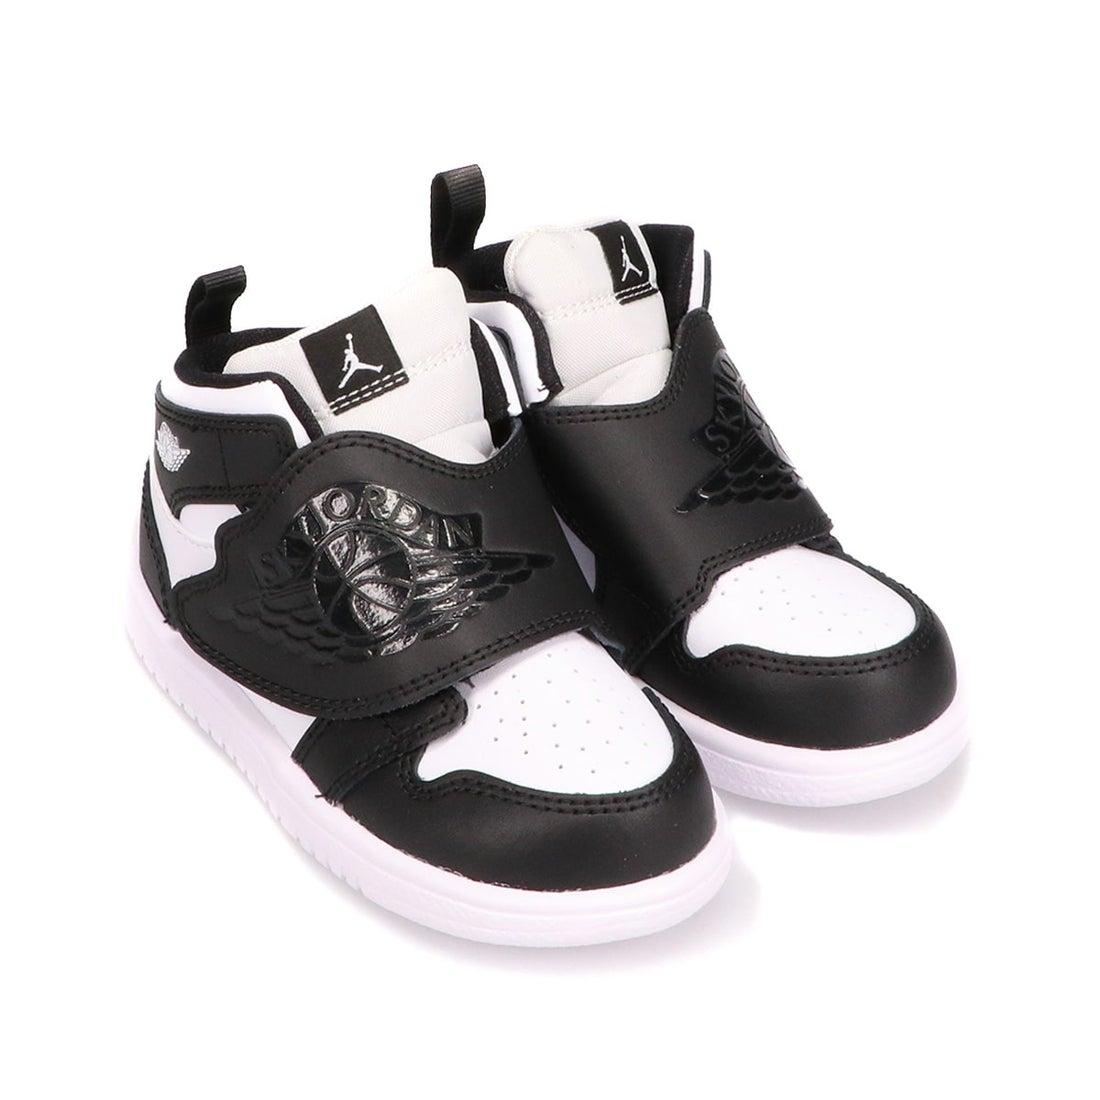 ロコンド 靴とファッションの通販サイトジョーダン ブランド JORDAN BRAND SKY JORDAN 1 (TD) (BLACK)